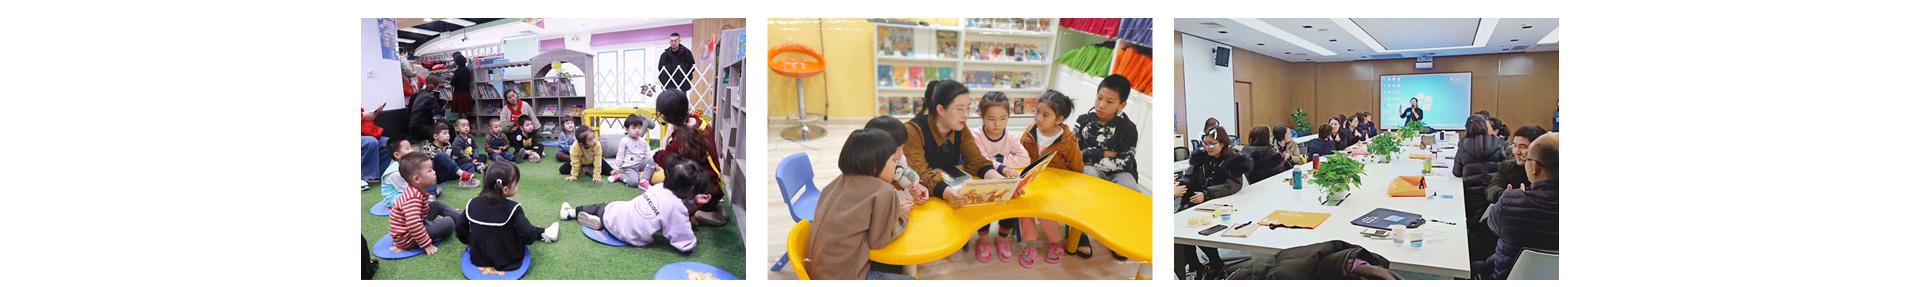 快乐书童阅读馆PC-快乐书童-许小琥_05